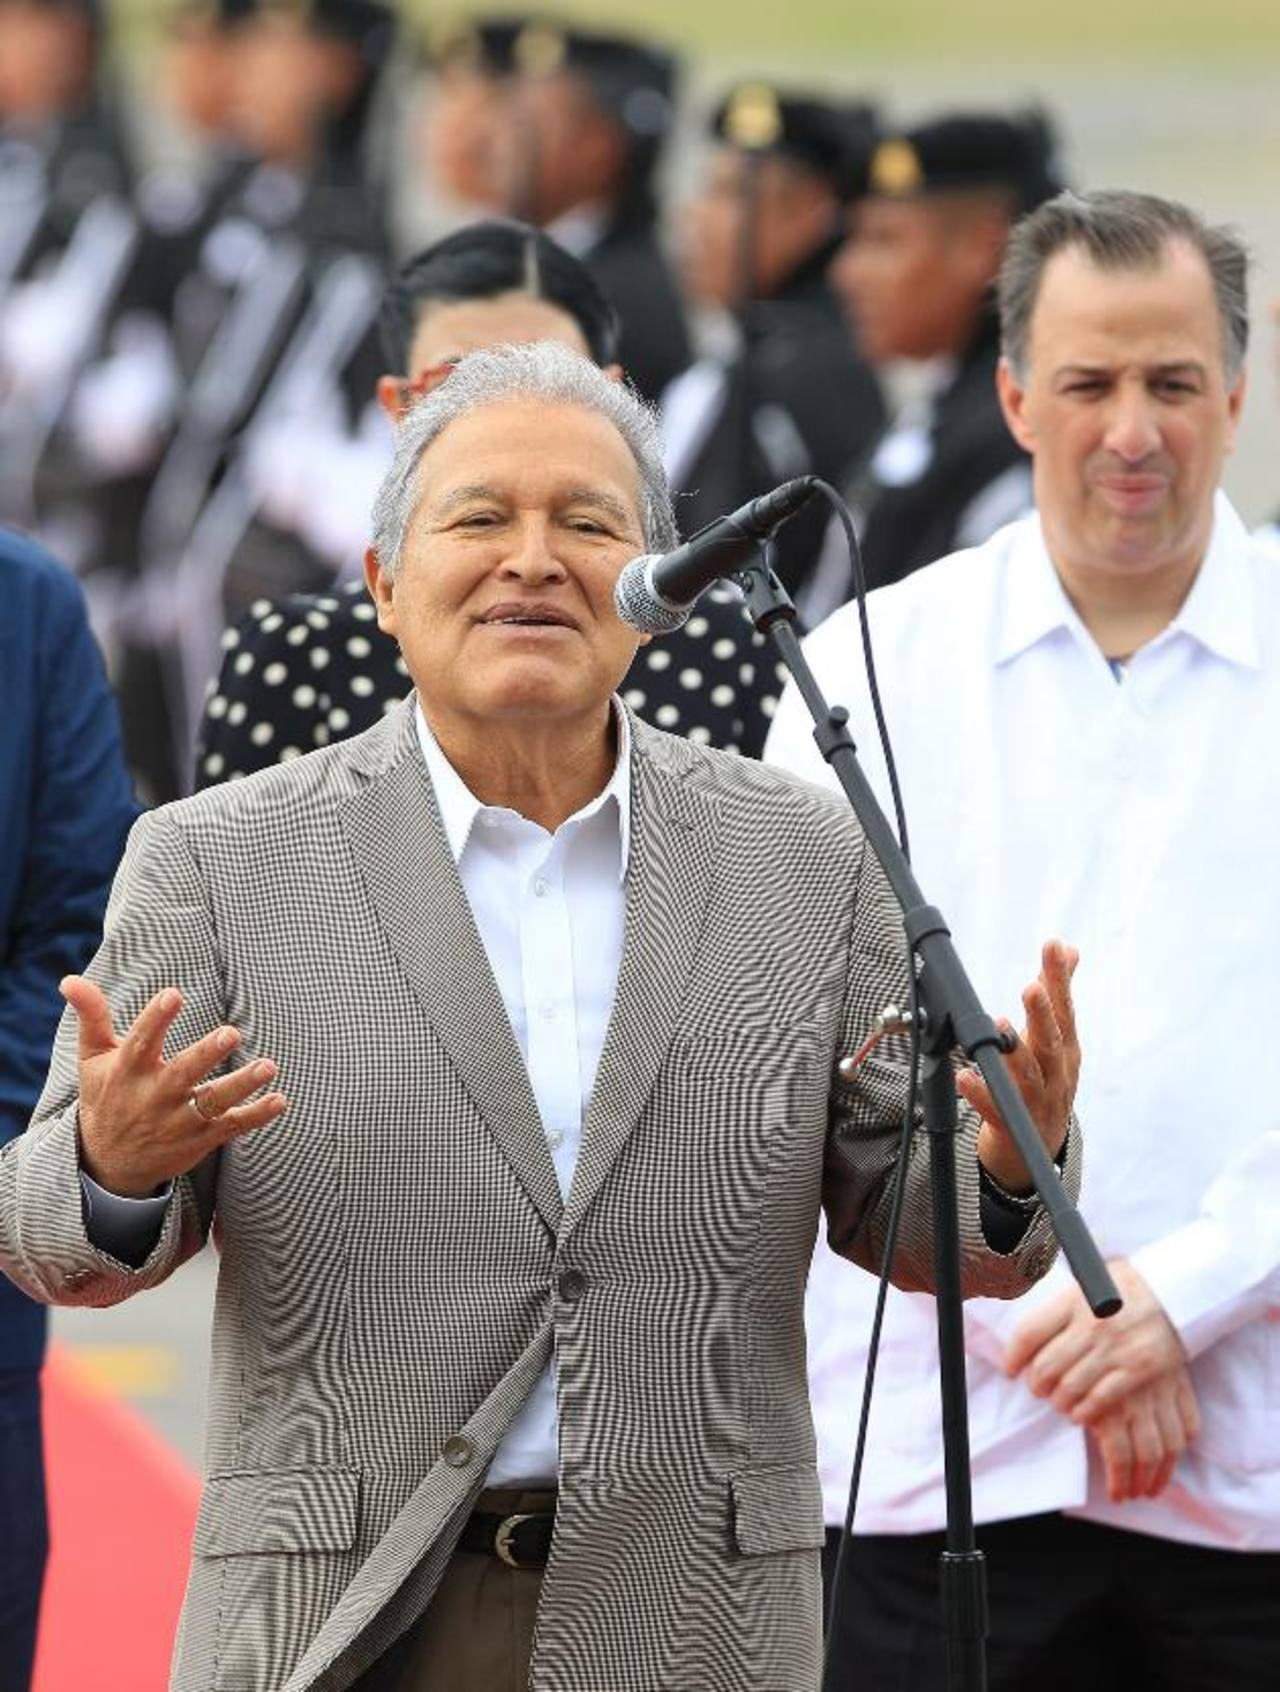 El presidente Salvador Sánchez Cerén el domingo, al llegar al aeropuerto internacional de Veracruz (México). foto edh / EFE